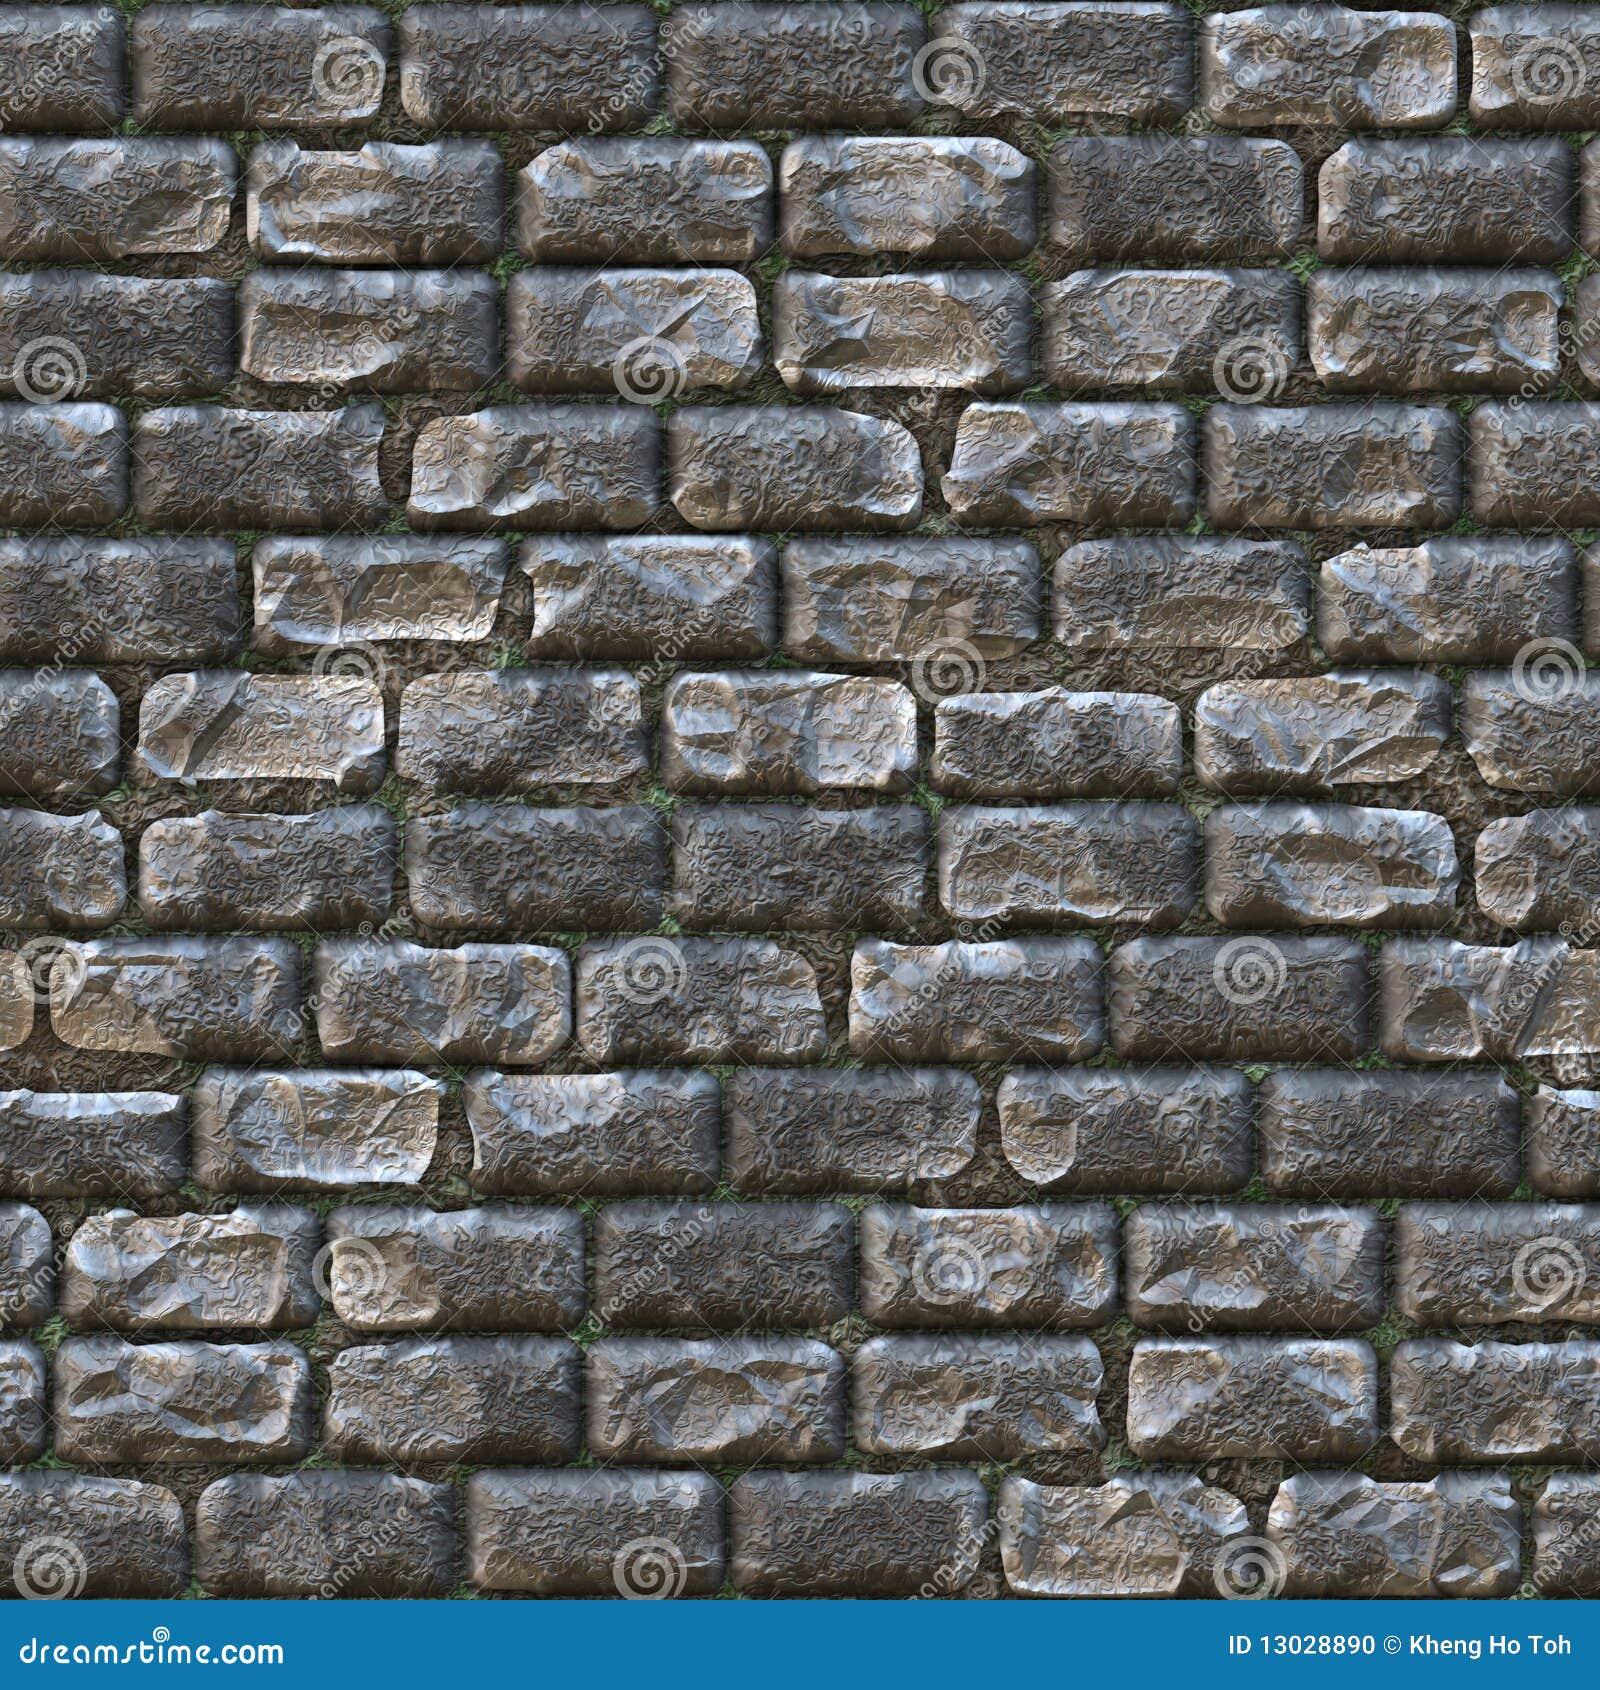 Seamless Stone Brick Wall